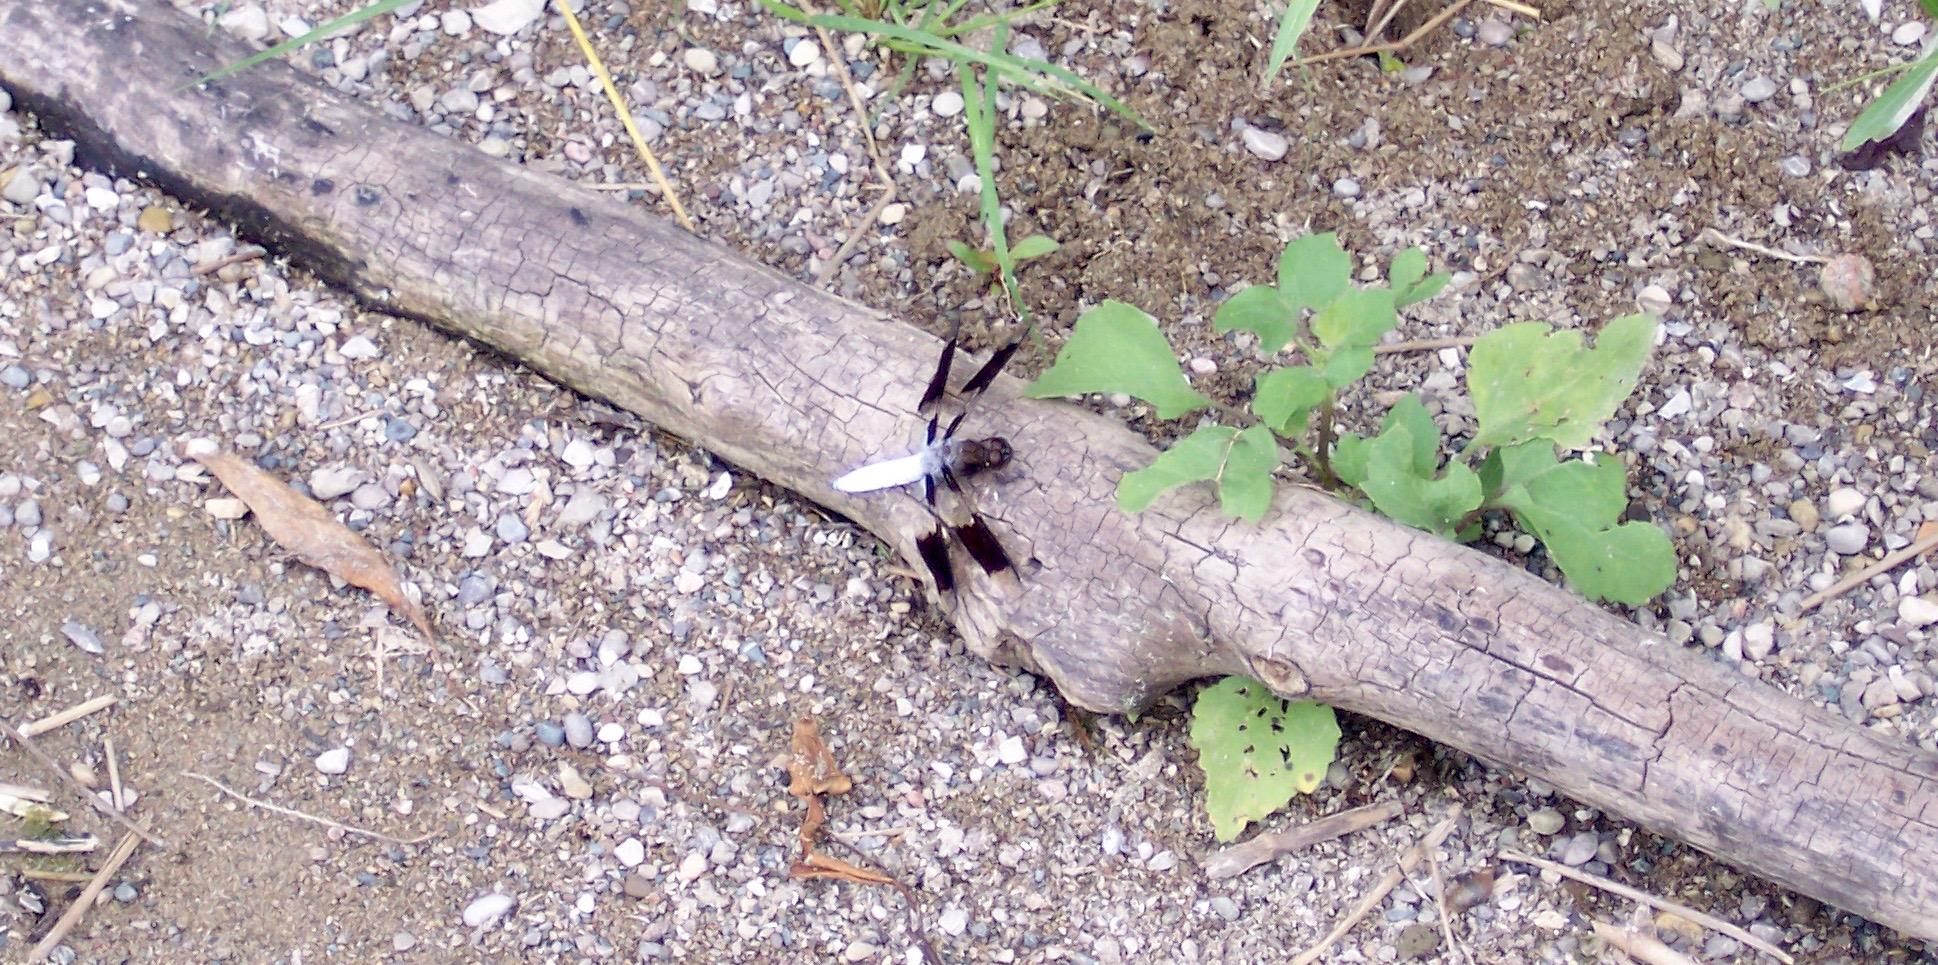 Ebony and ivory dragonfly